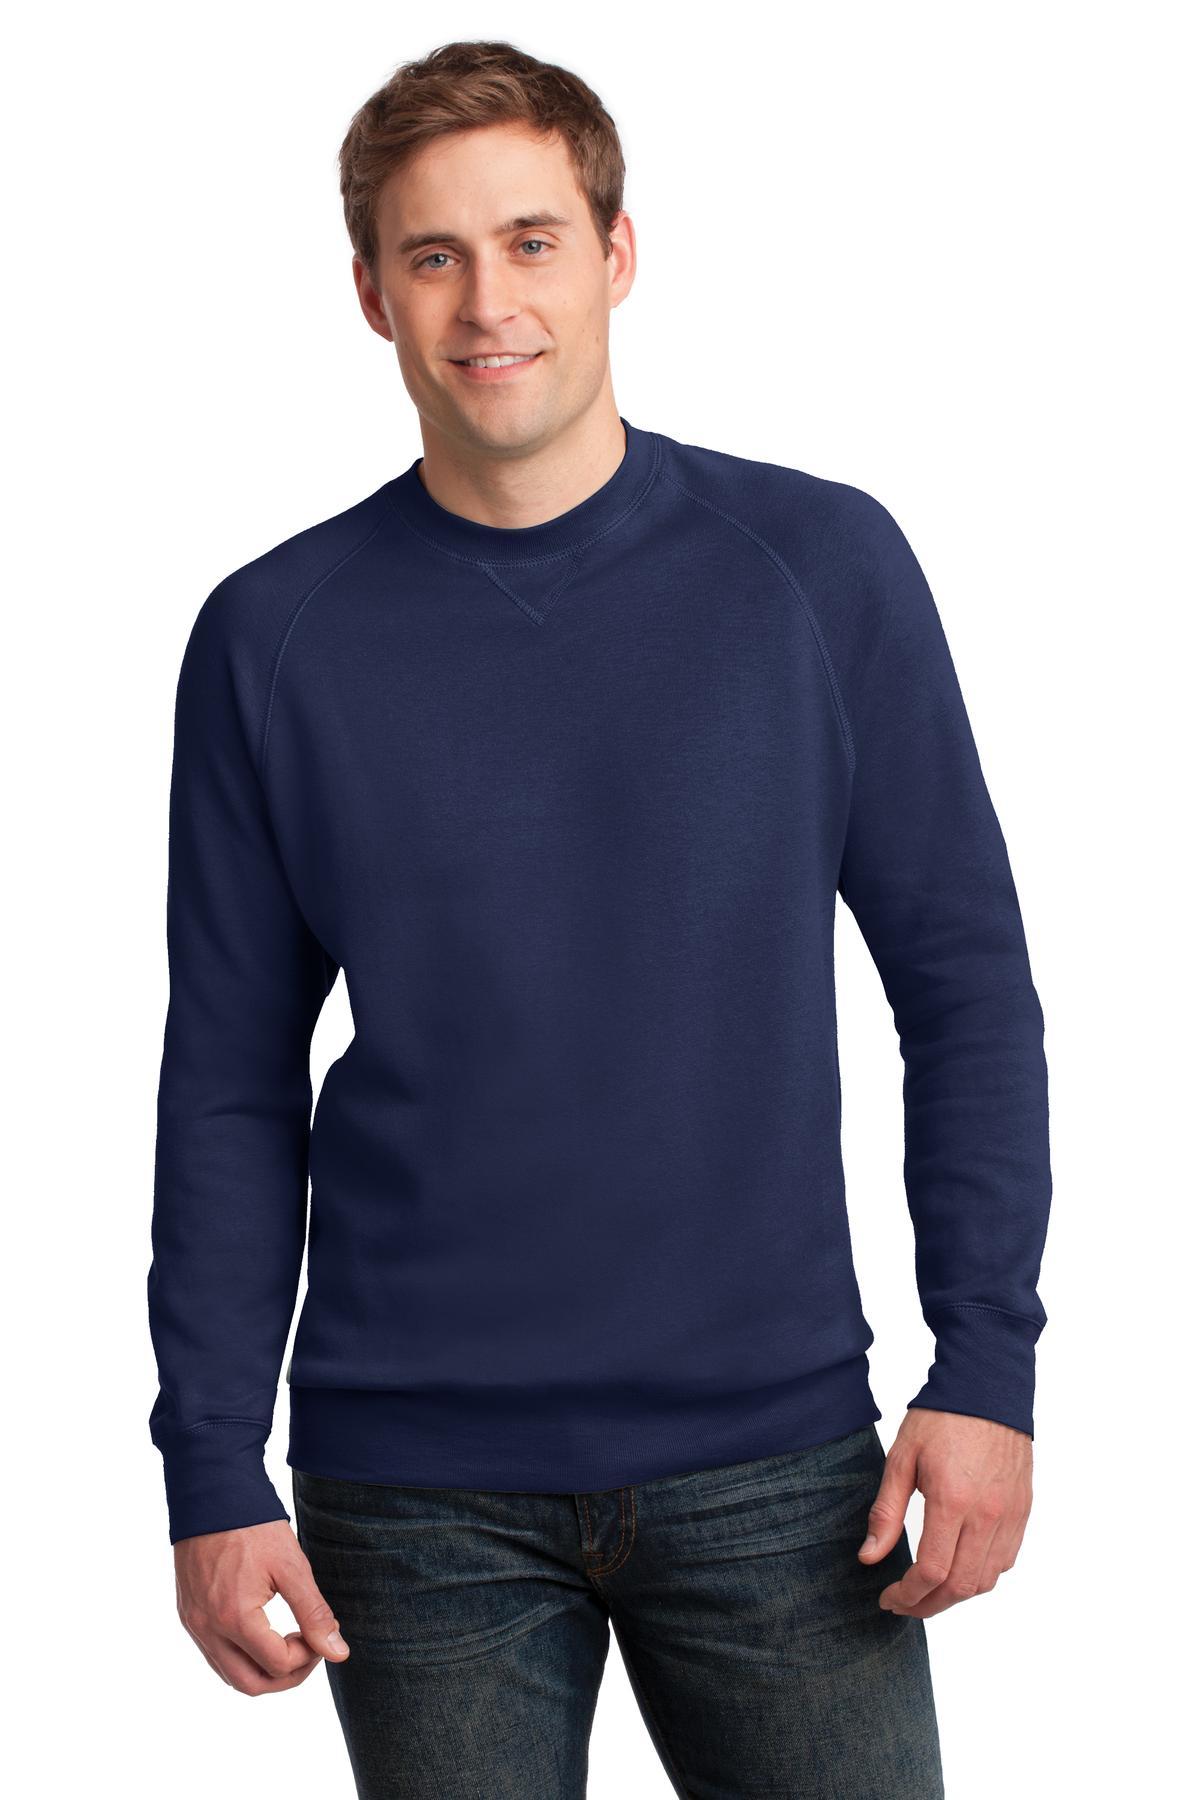 Sweatshirts-Fleece-Crew-Necks-14